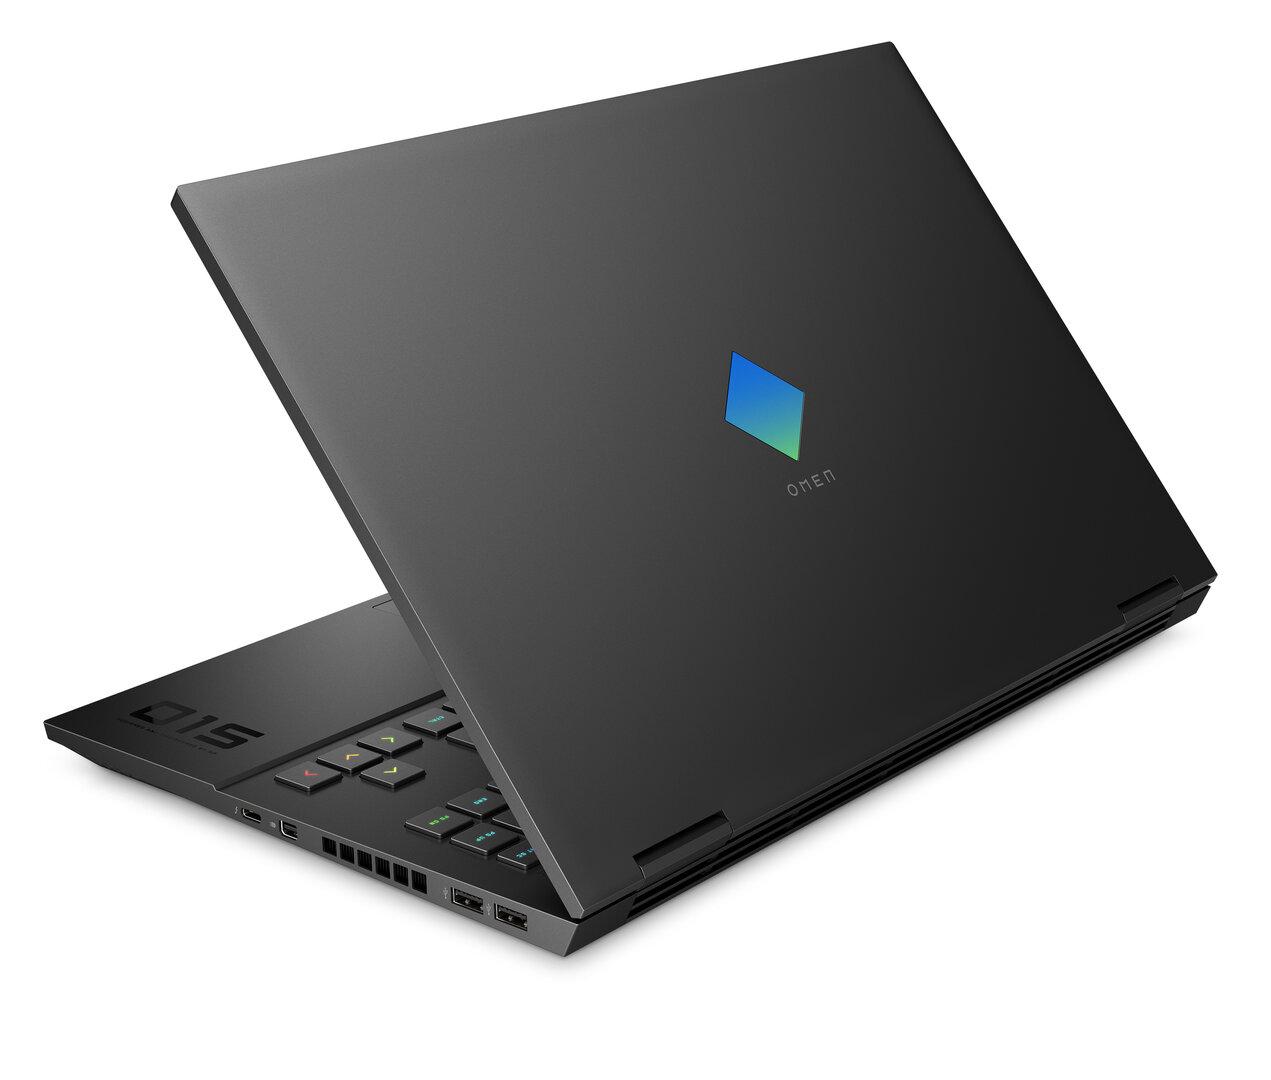 HP Omen 15 (Intel)